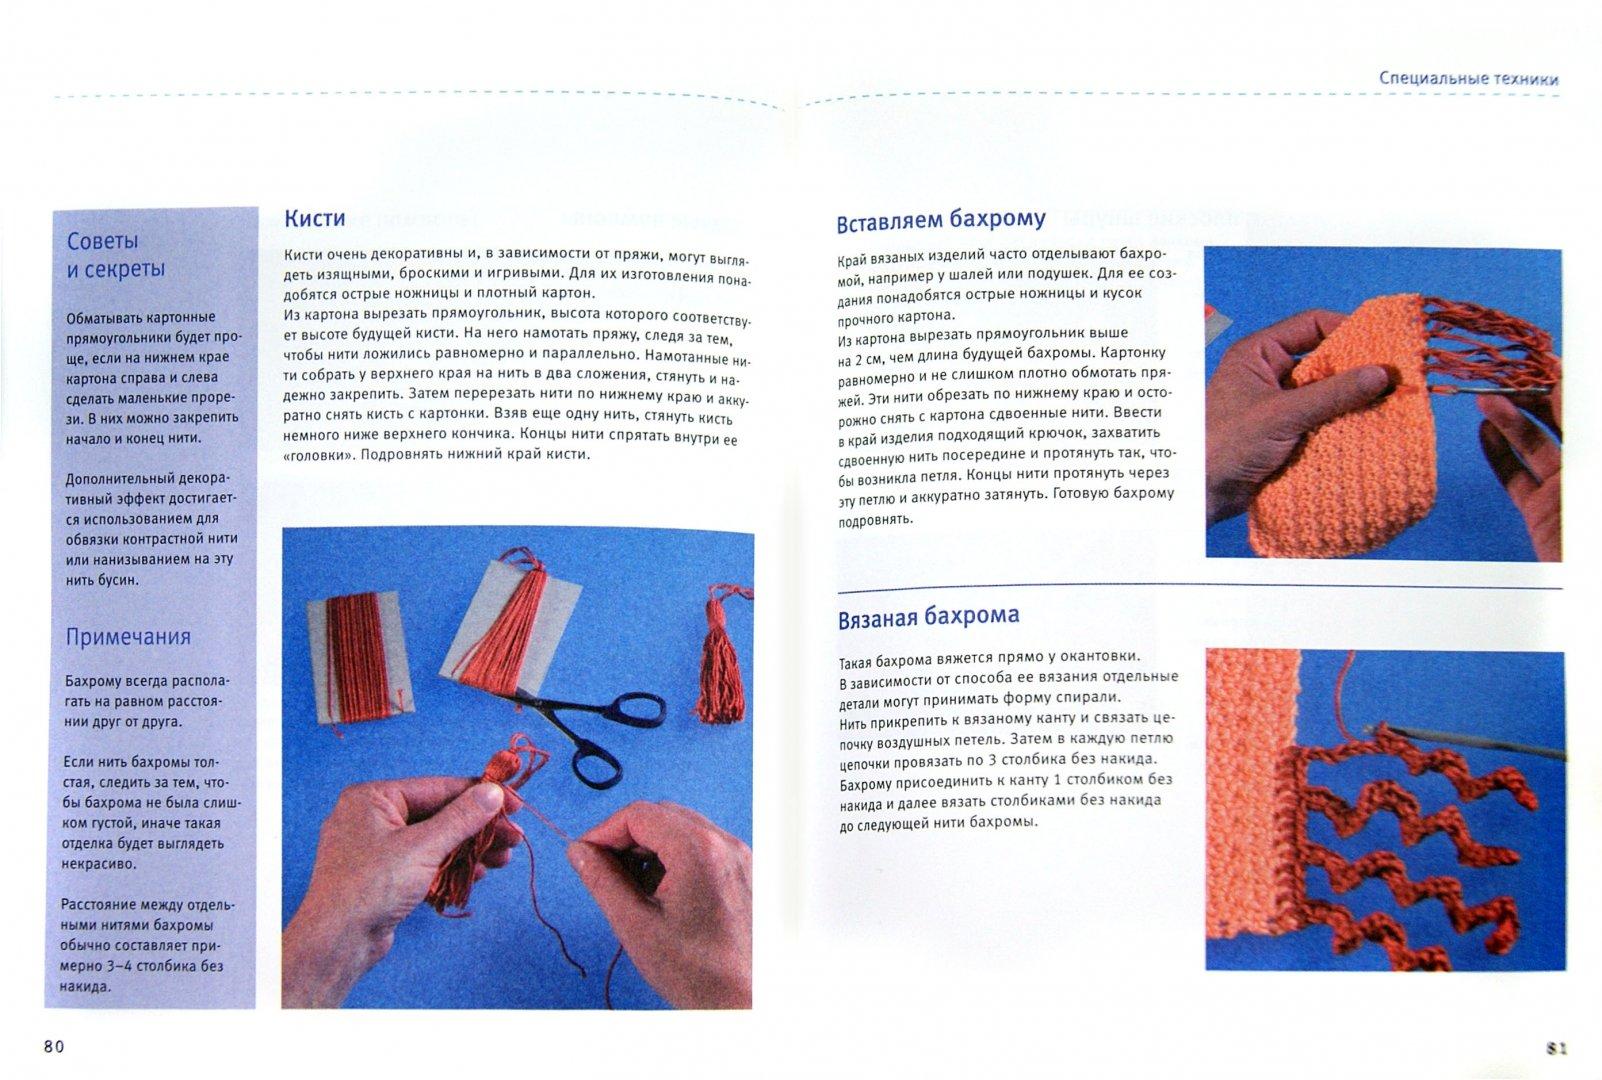 Иллюстрация 1 из 12 для Вязание крючком. Большая книга с моделями для начинающих. Базовый курс - Рааб, Хильбик, Нойманн   Лабиринт - книги. Источник: Лабиринт